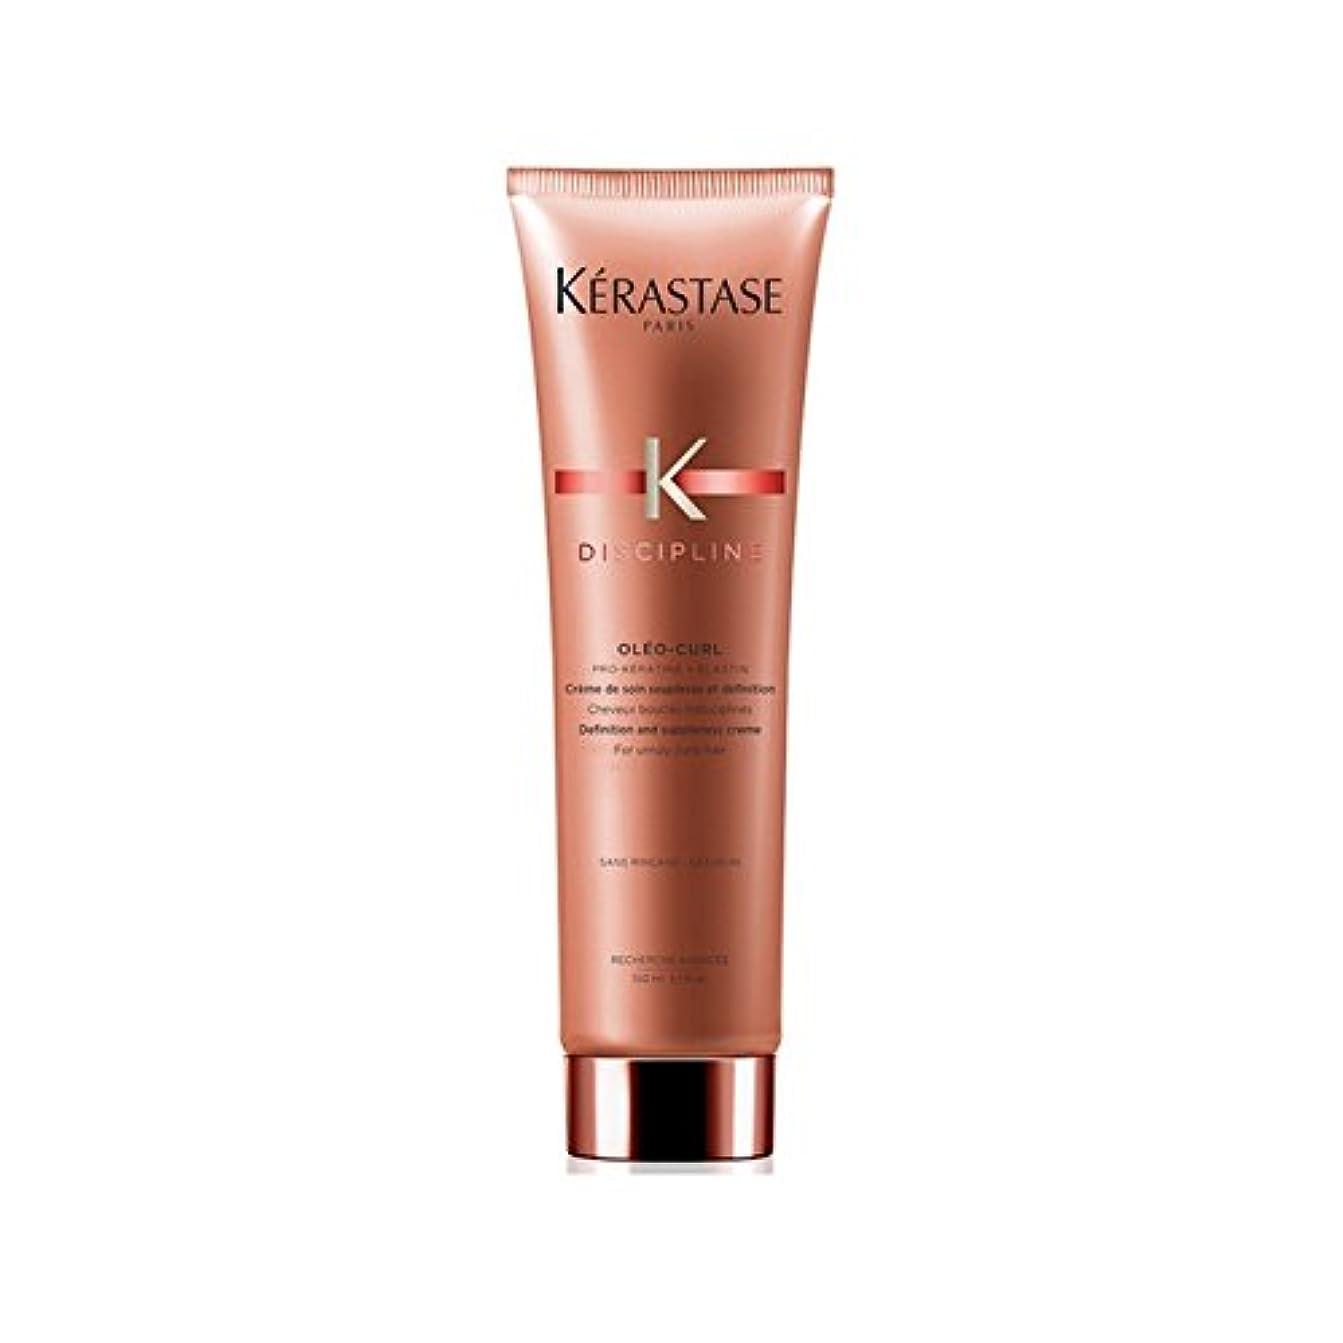 マウントバンク招待兵隊理想的なクレンジングコンディショナー400ミリリットルカールケラスターゼの規律 x4 - K?rastase Discipline Curl Ideal Cleansing Conditioner 400ml (Pack...